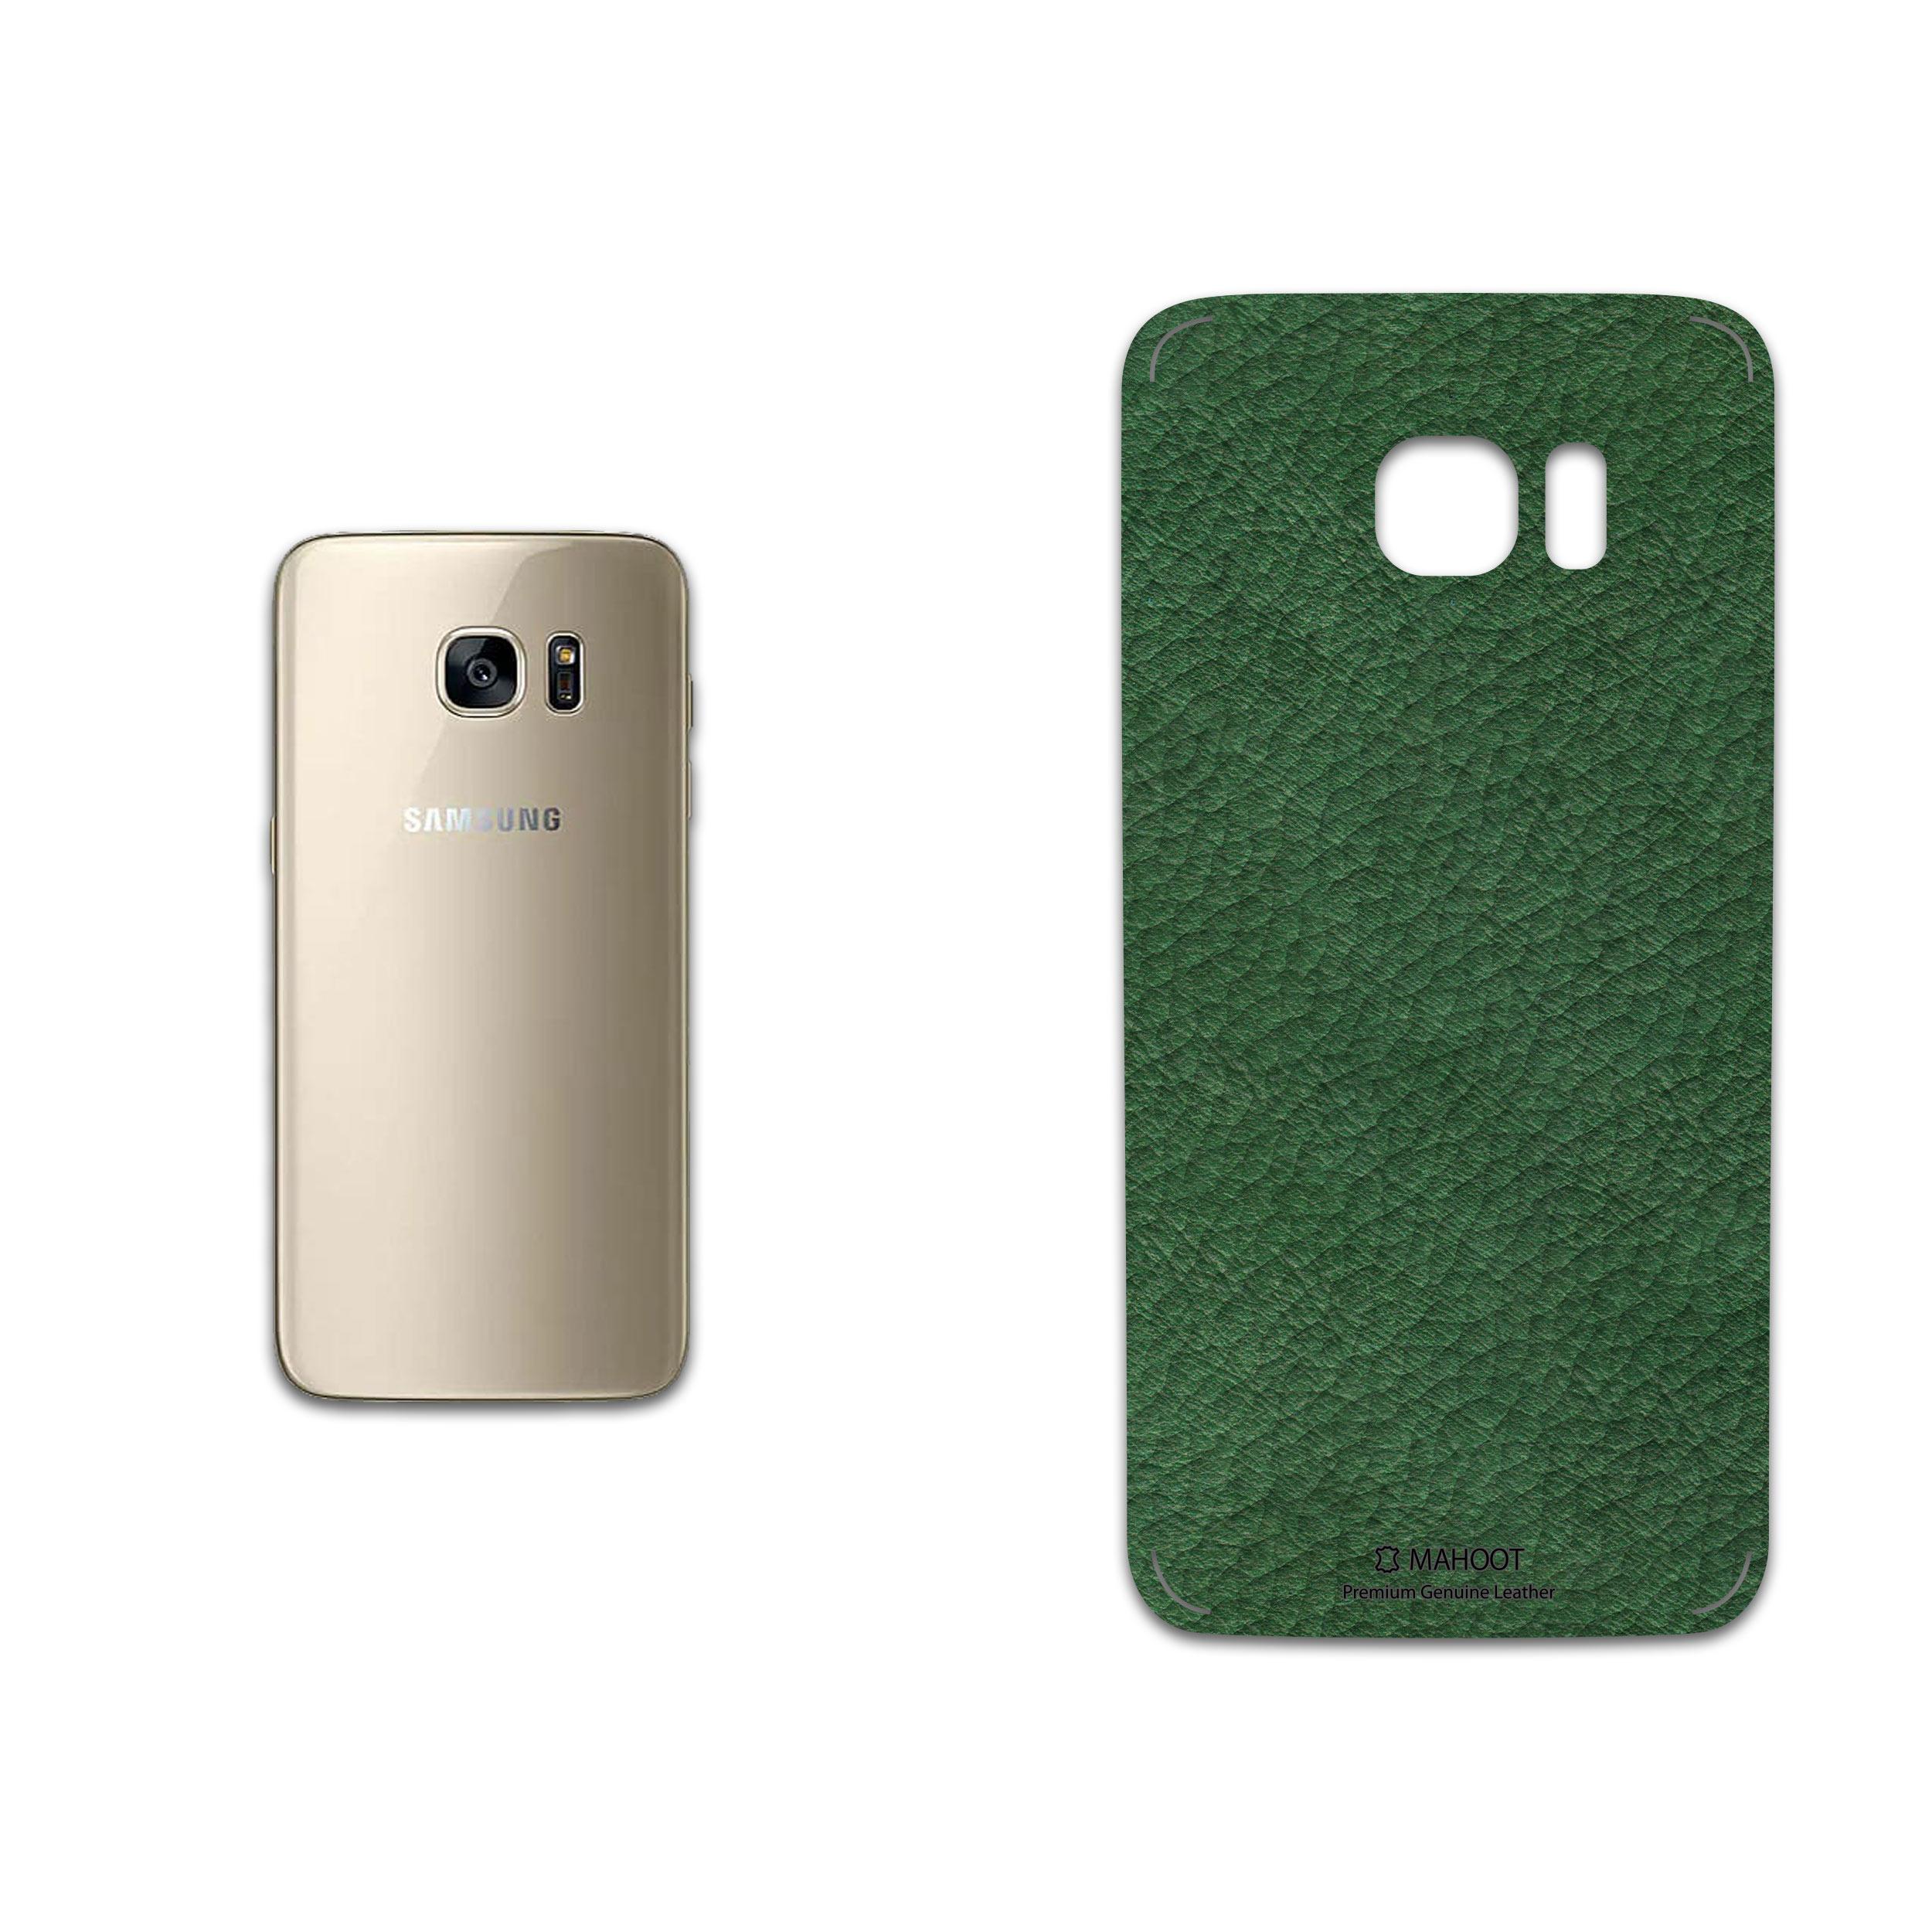 برچسب پوششی ماهوت مدل Green-Leather مناسب برای گوشی موبایل سامسونگ Galaxy S7 Edge